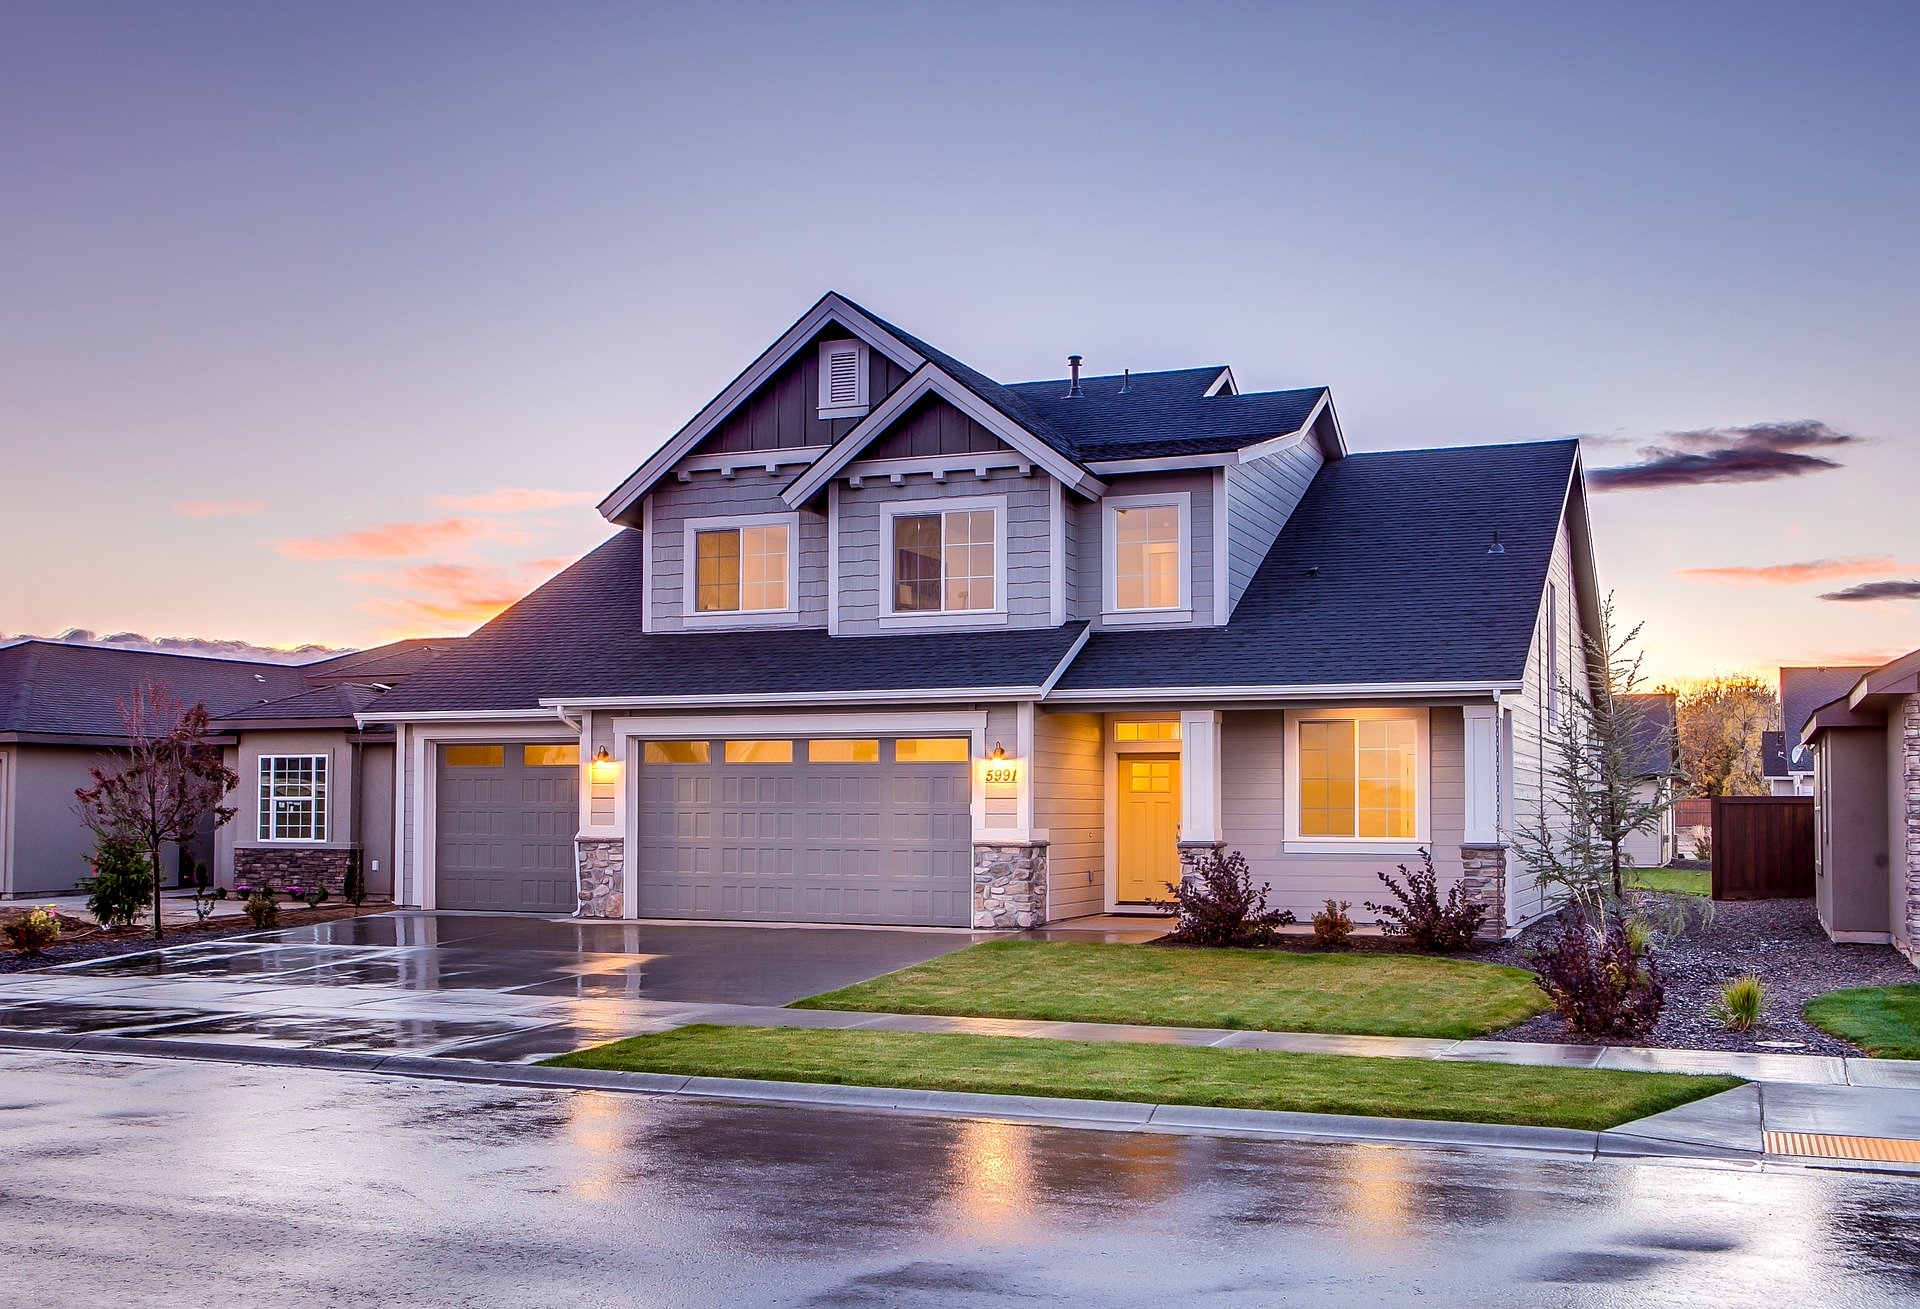 Cursos de Contratación en la actividad inmobiliaria